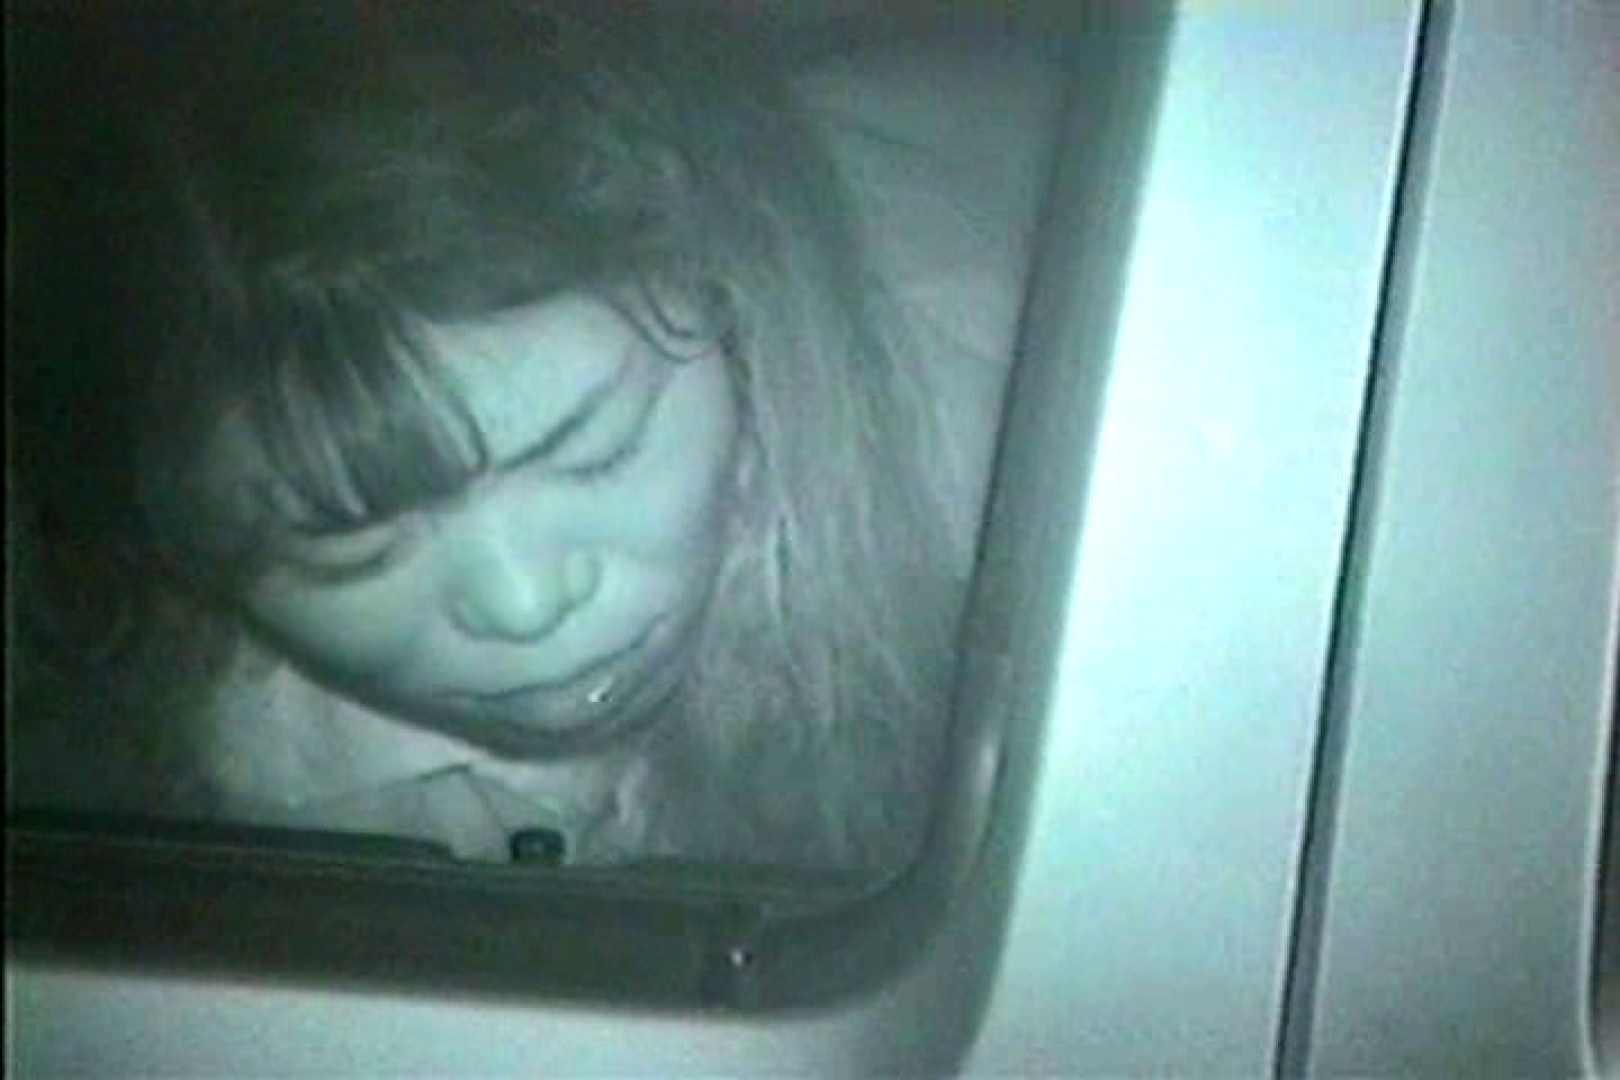 車の中はラブホテル 無修正版  Vol.6 カーセックス ワレメ動画紹介 89画像 21